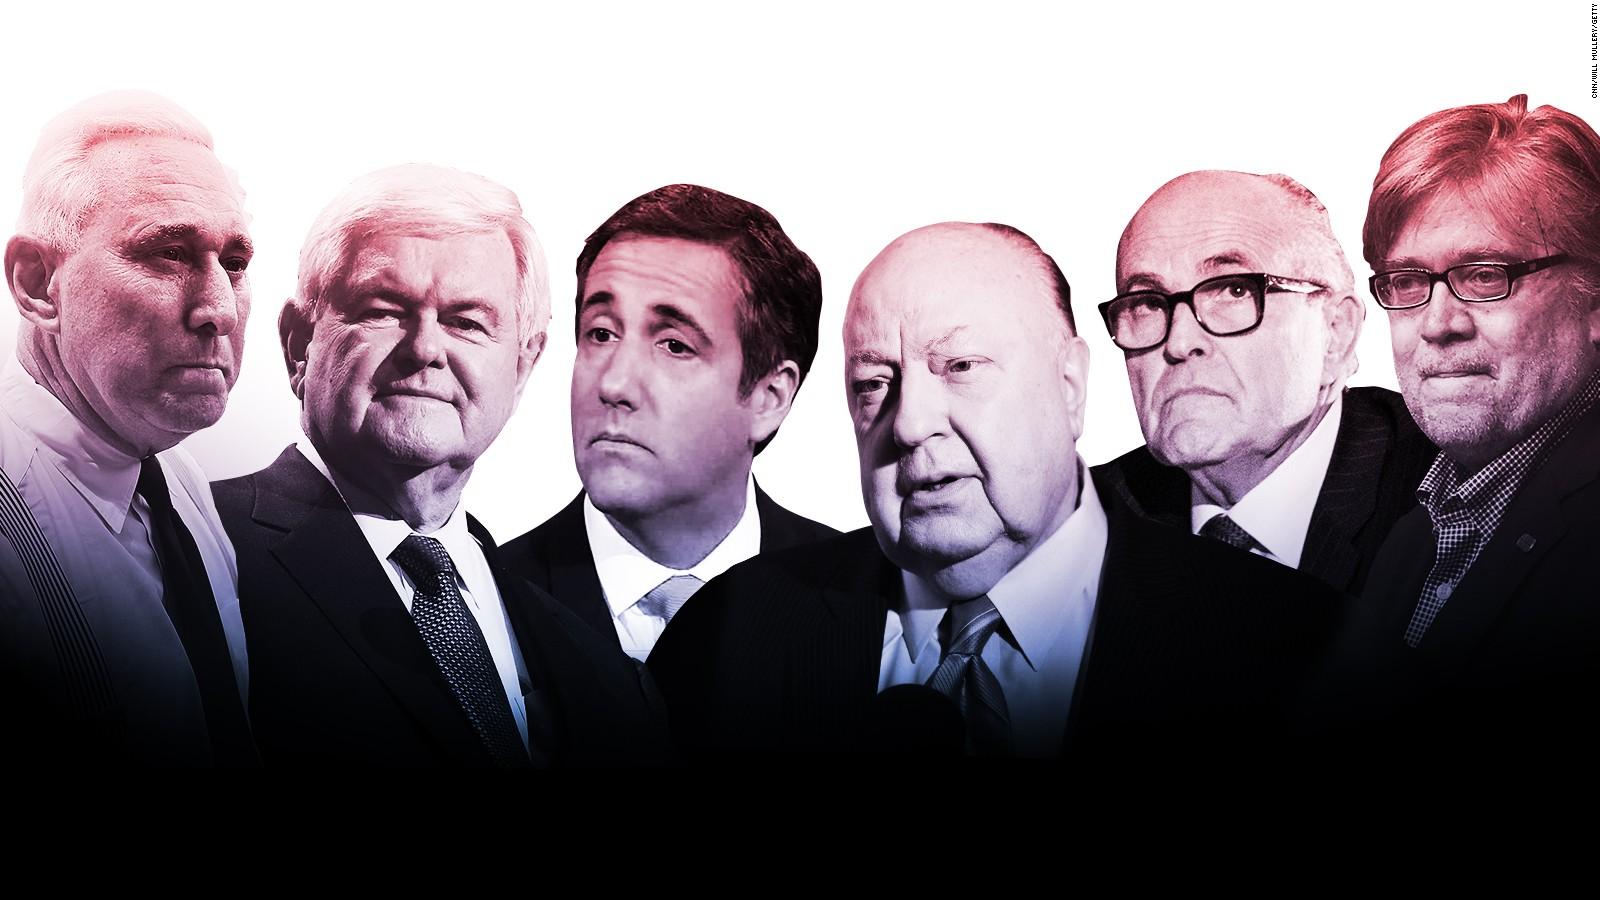 Donald Trumps Boys Club Cnnpolitics